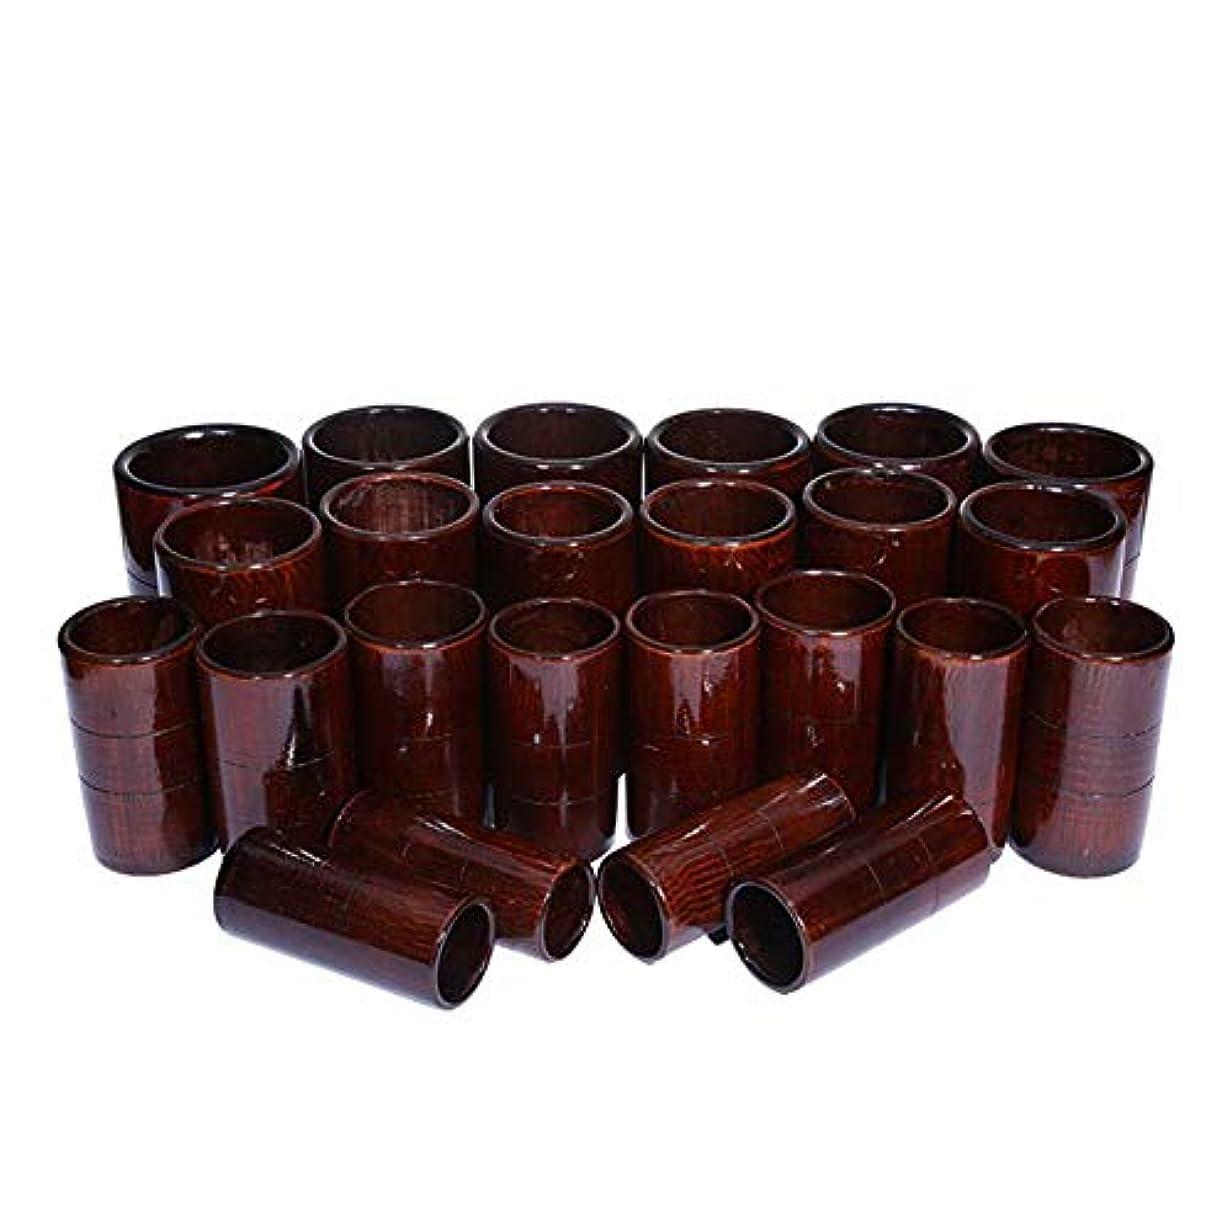 要塞広告主作成者竹鍼治療セット - 炭缶ボディ医療吸引セット - カッピングマッサージバキュームカップ,D24pcs